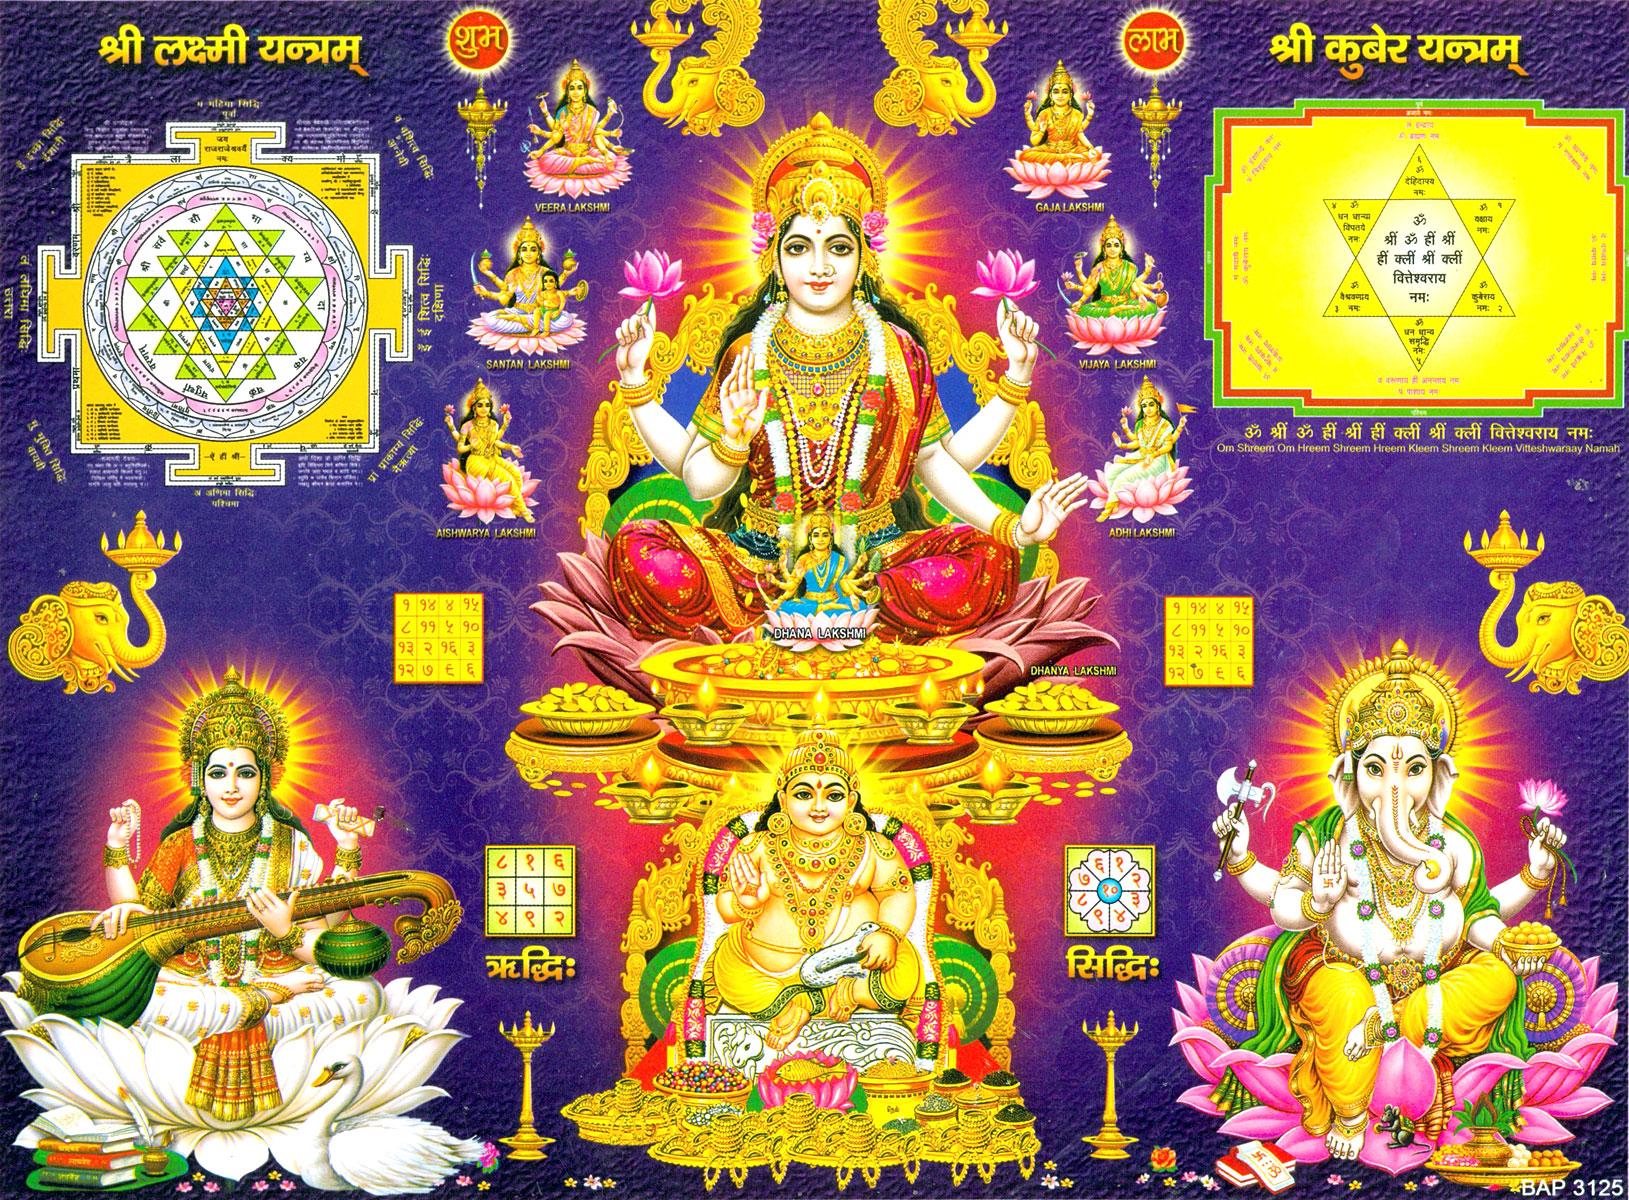 Panchmukhi Ganesh Wallpaper Hd மணிராஜ் சகல சௌபாக்கியங்கள் அருளும் தீபாவளி குபேர வழிபாடு